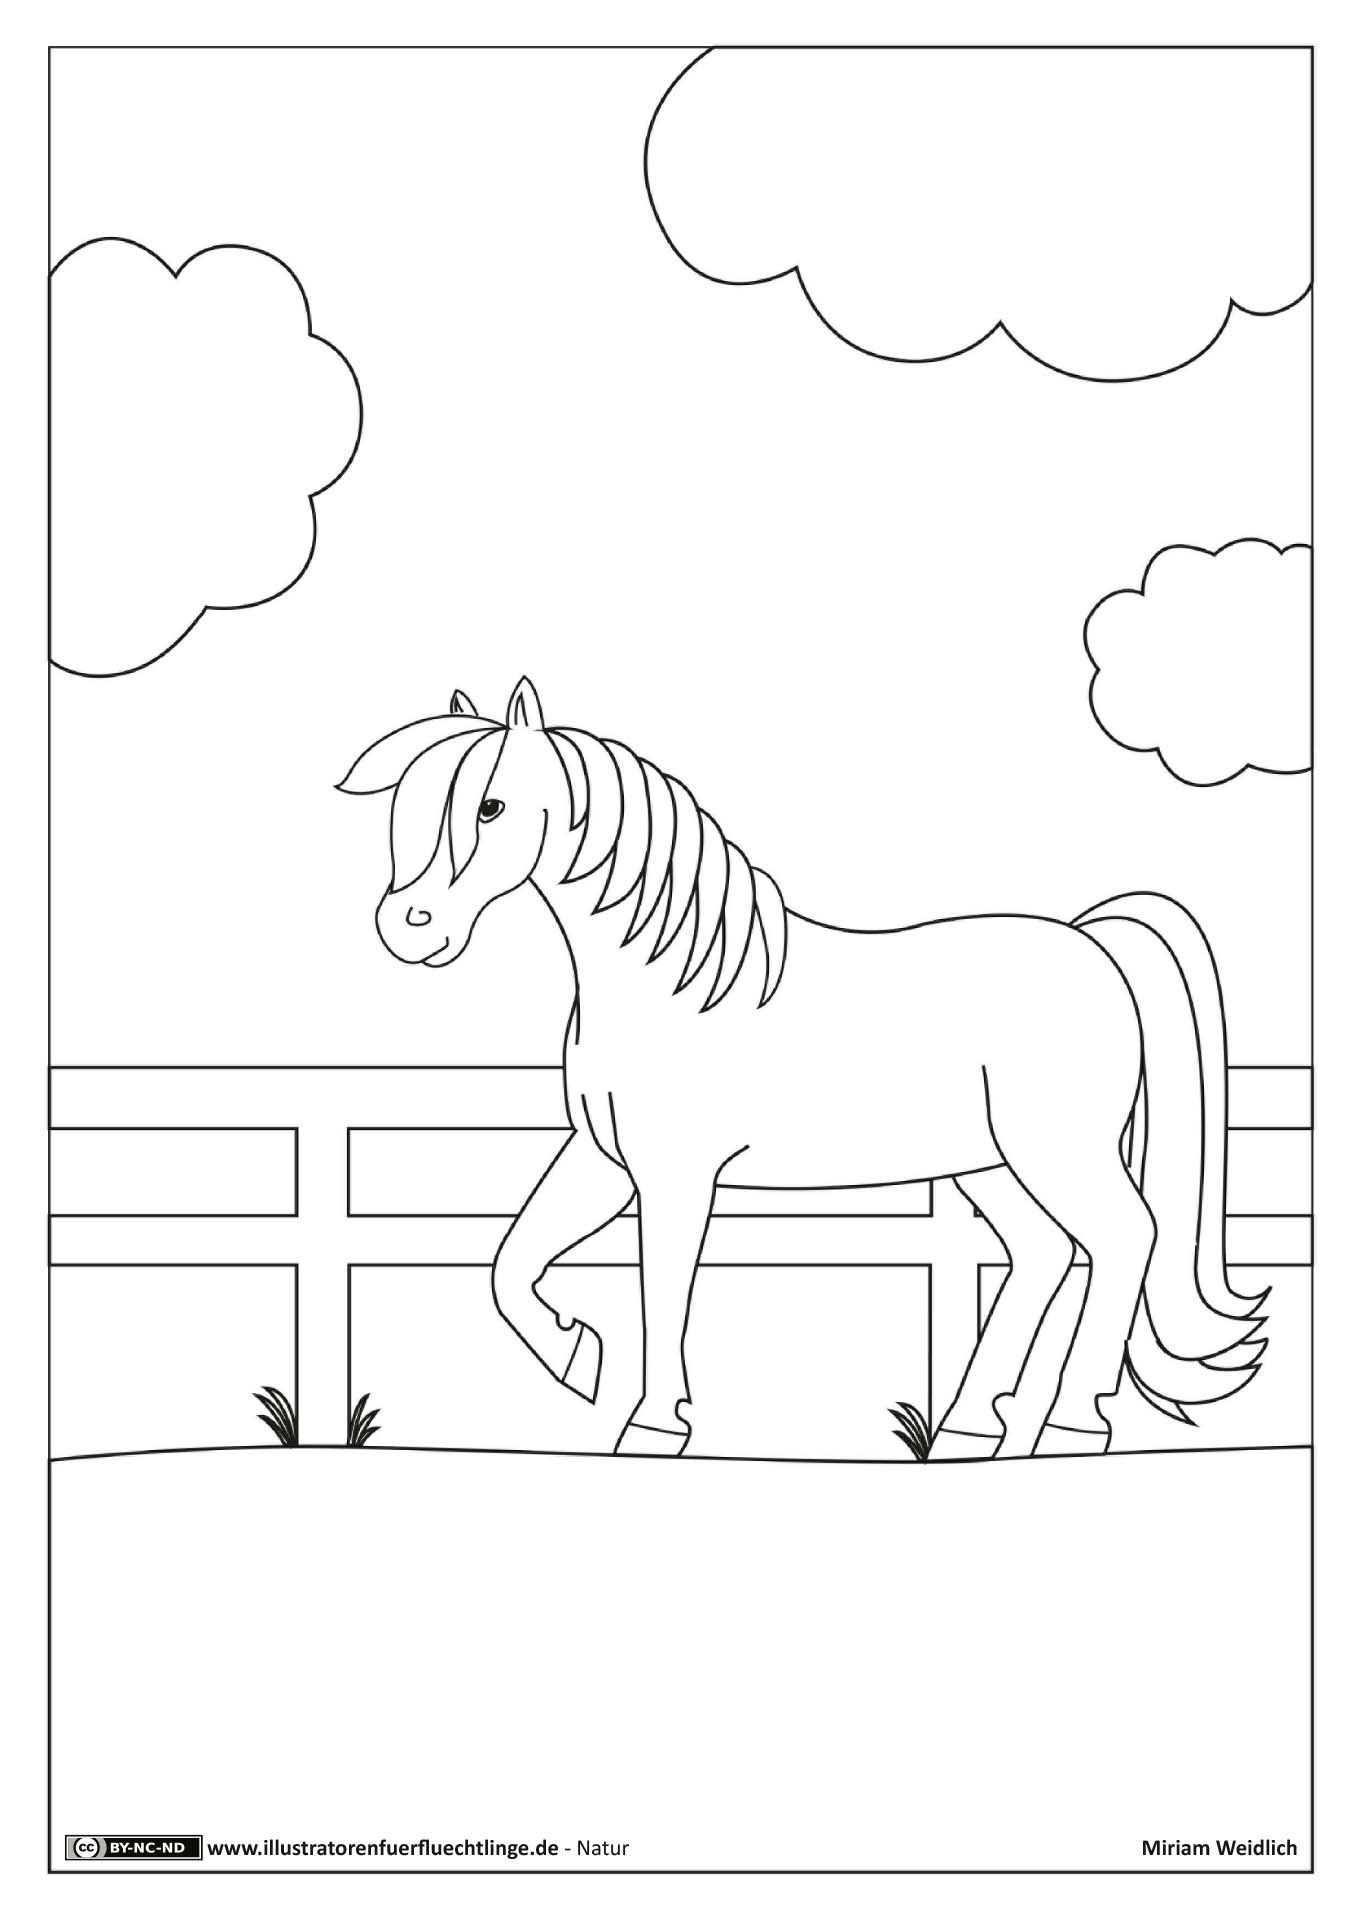 Natur Pferd Koppel Weidlich Ausmalbilder Tiere Pferd Ausmalbilder